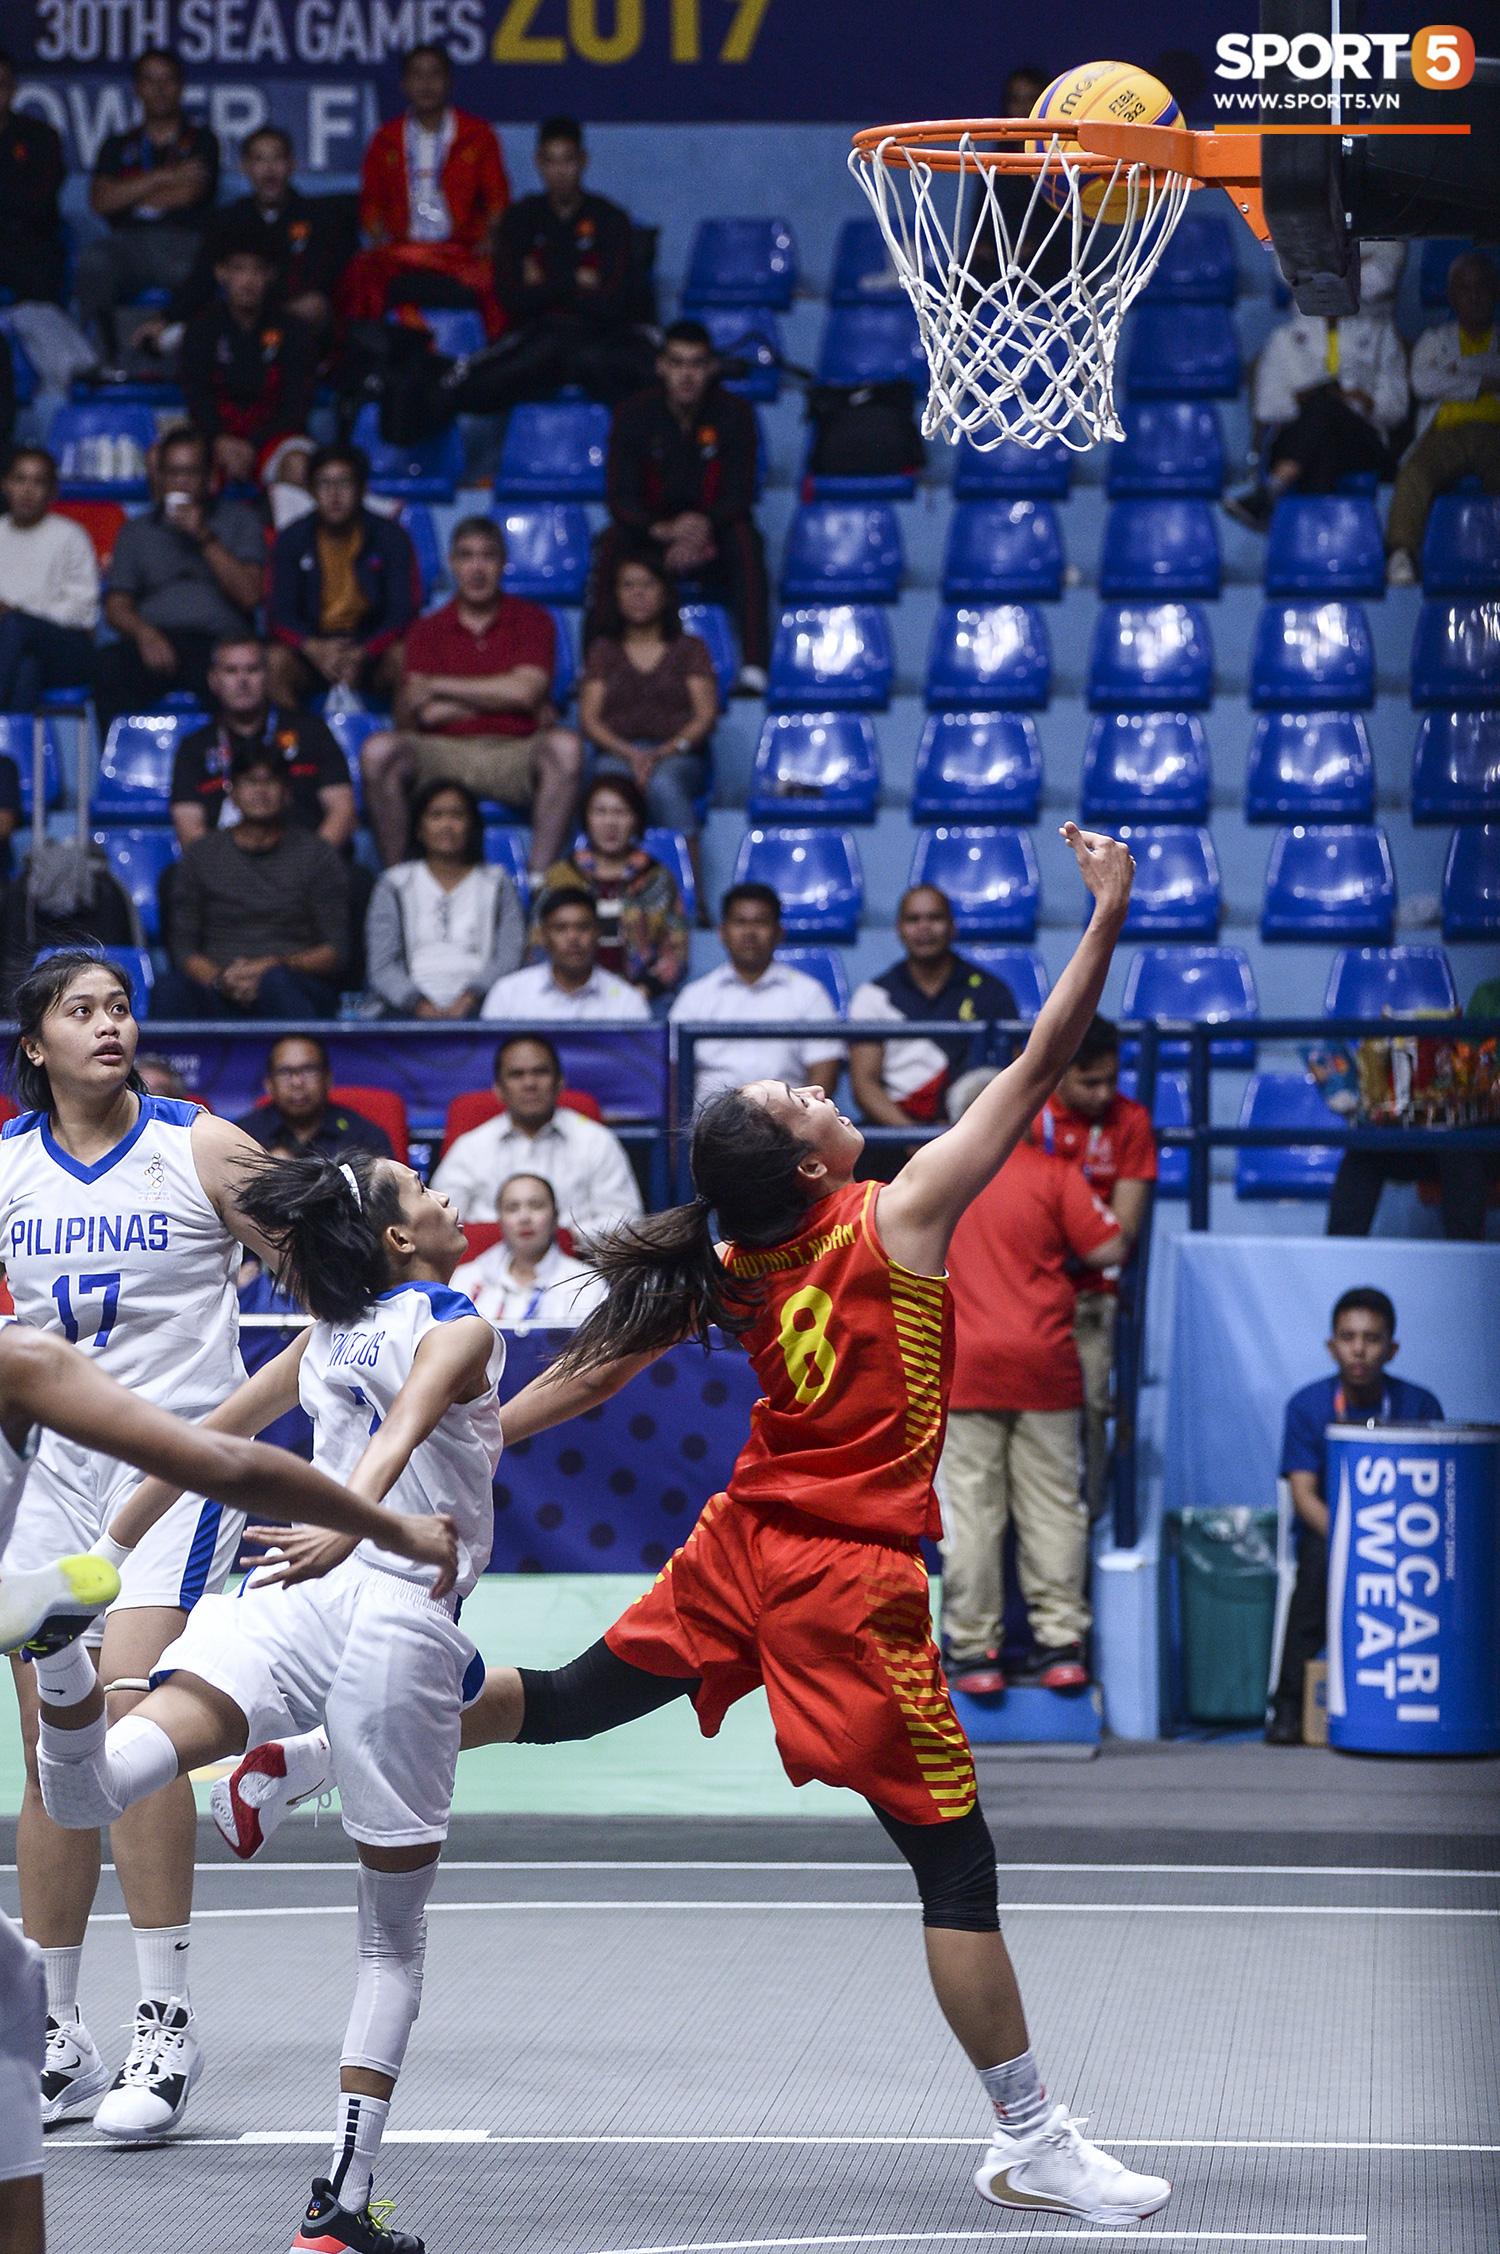 Nỗ lực hết mình nhưng vẫn không thể tạo nên bất ngờ trước Philippines, đội tuyển nữ Việt Nam vẫn còn cơ hội cạnh tranh huy chương đồng tại SEA Games 30 - Ảnh 4.